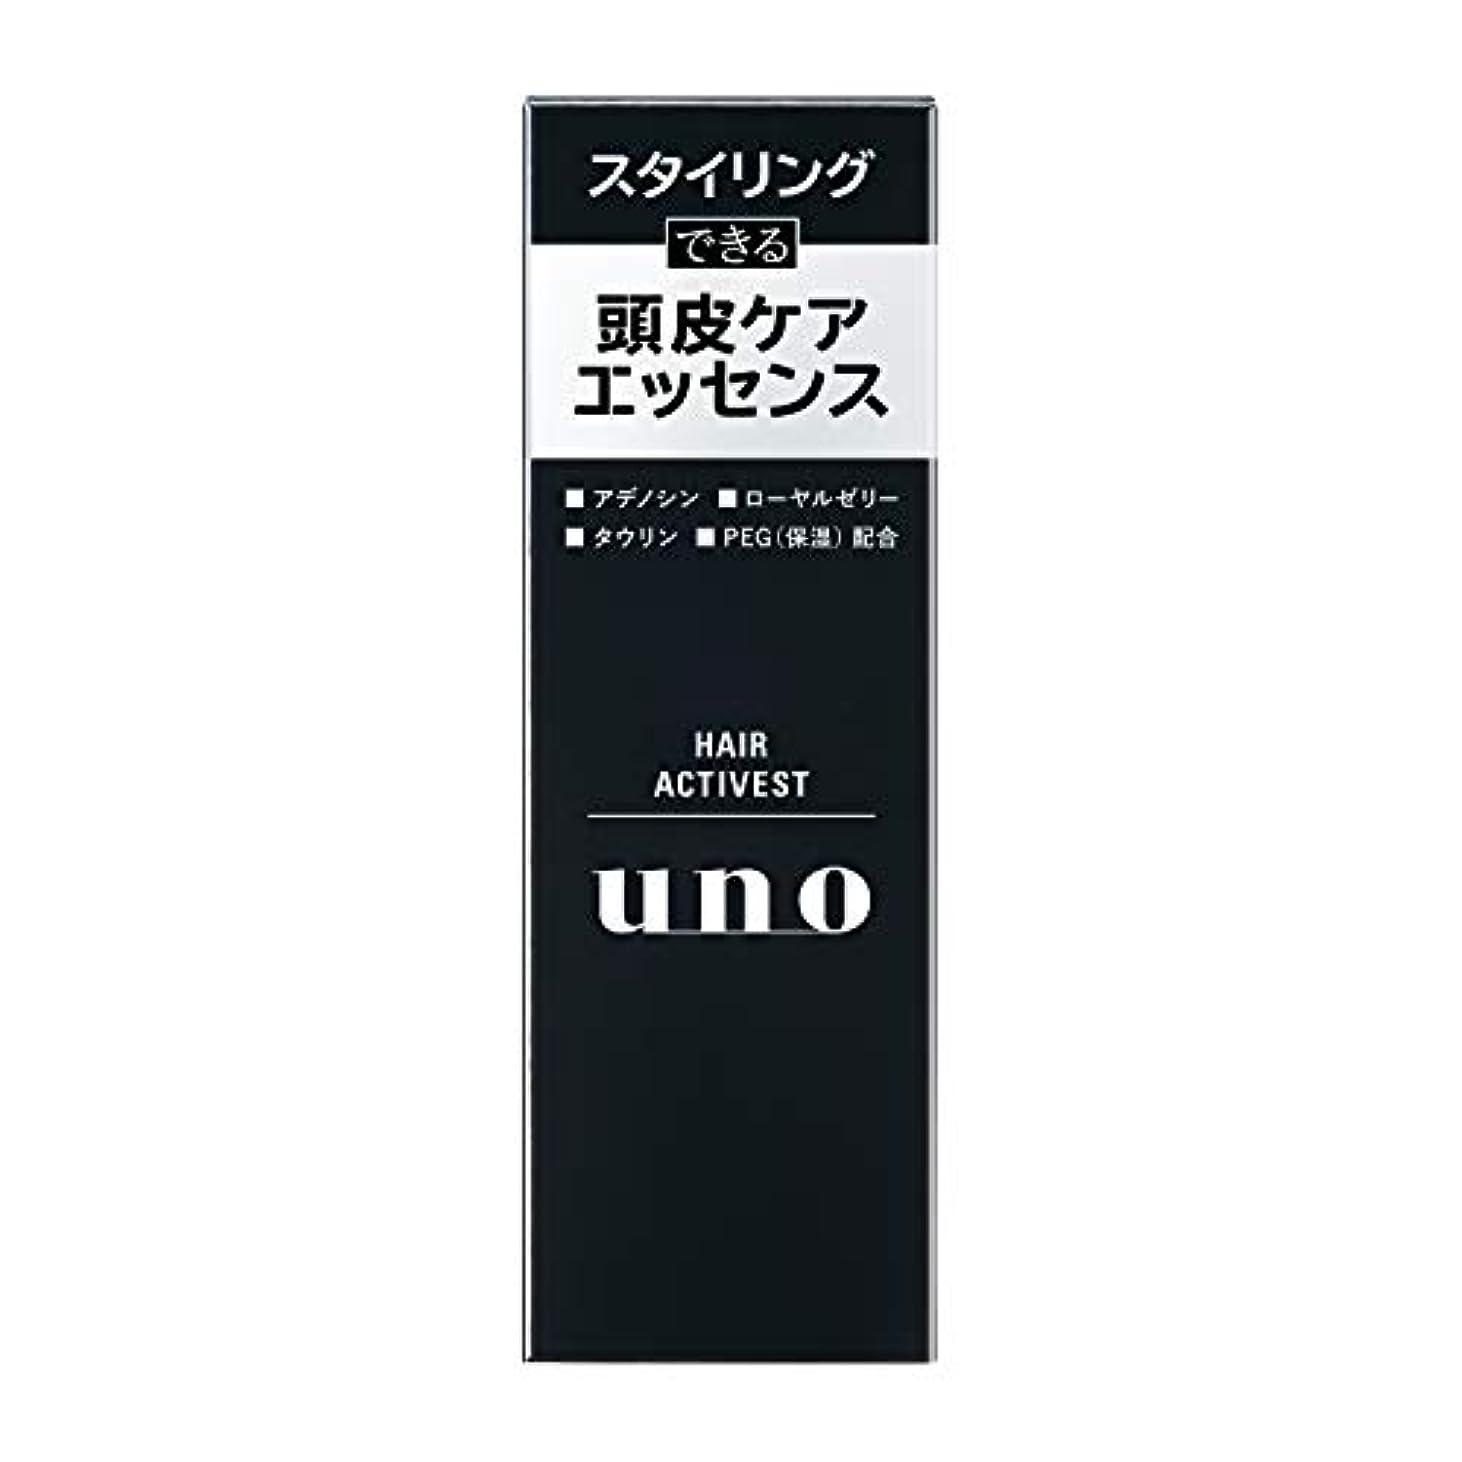 強要推定イチゴUNO(ウーノ) ウーノ ヘアアクティベスト 100ml ヘアオイル